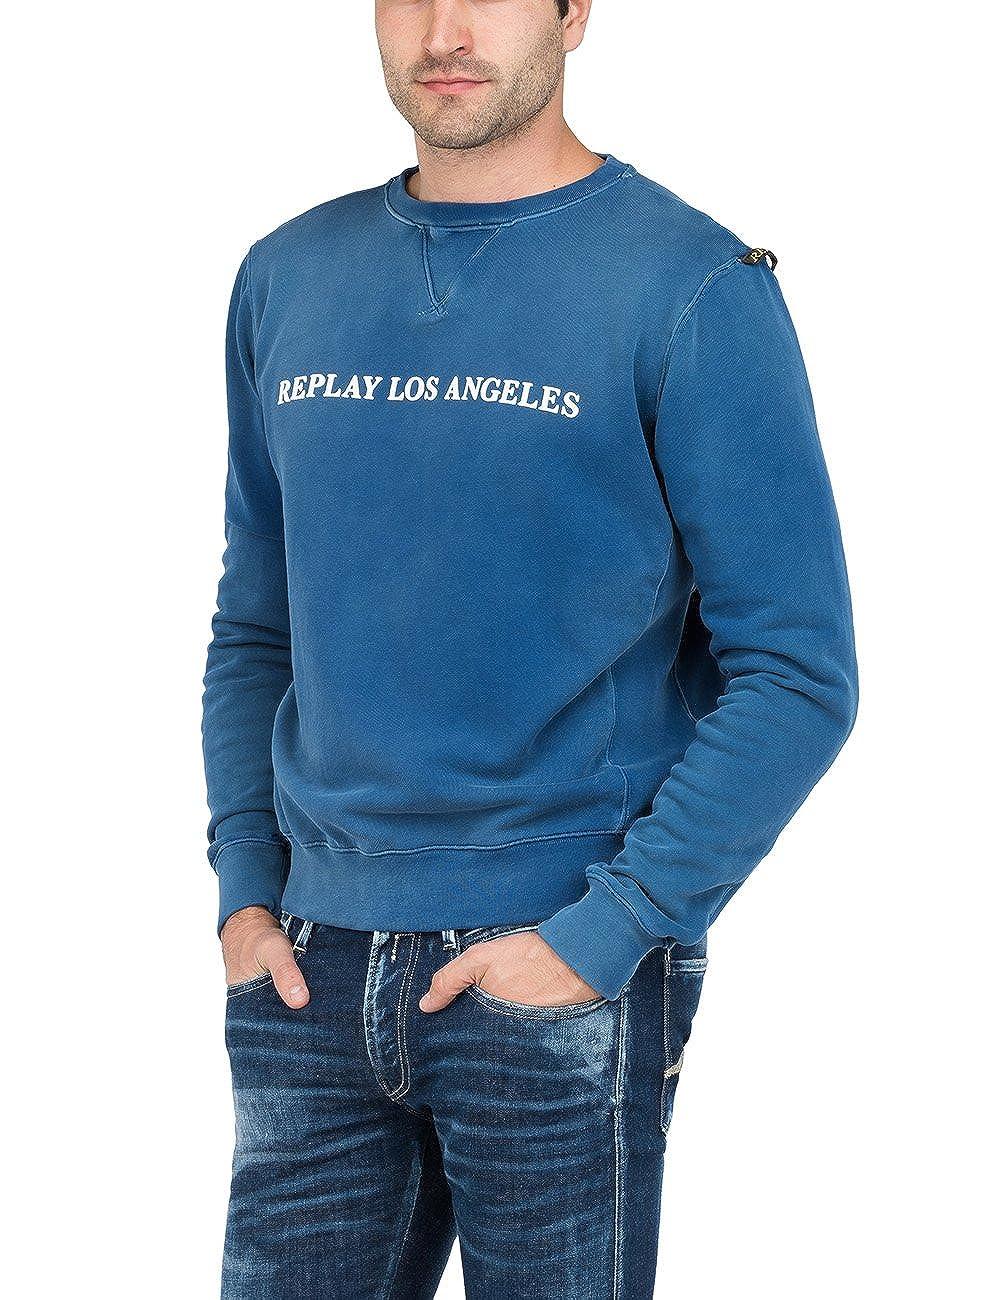 Replay Herren Sweatshirt LOS Angeles Verwaschung